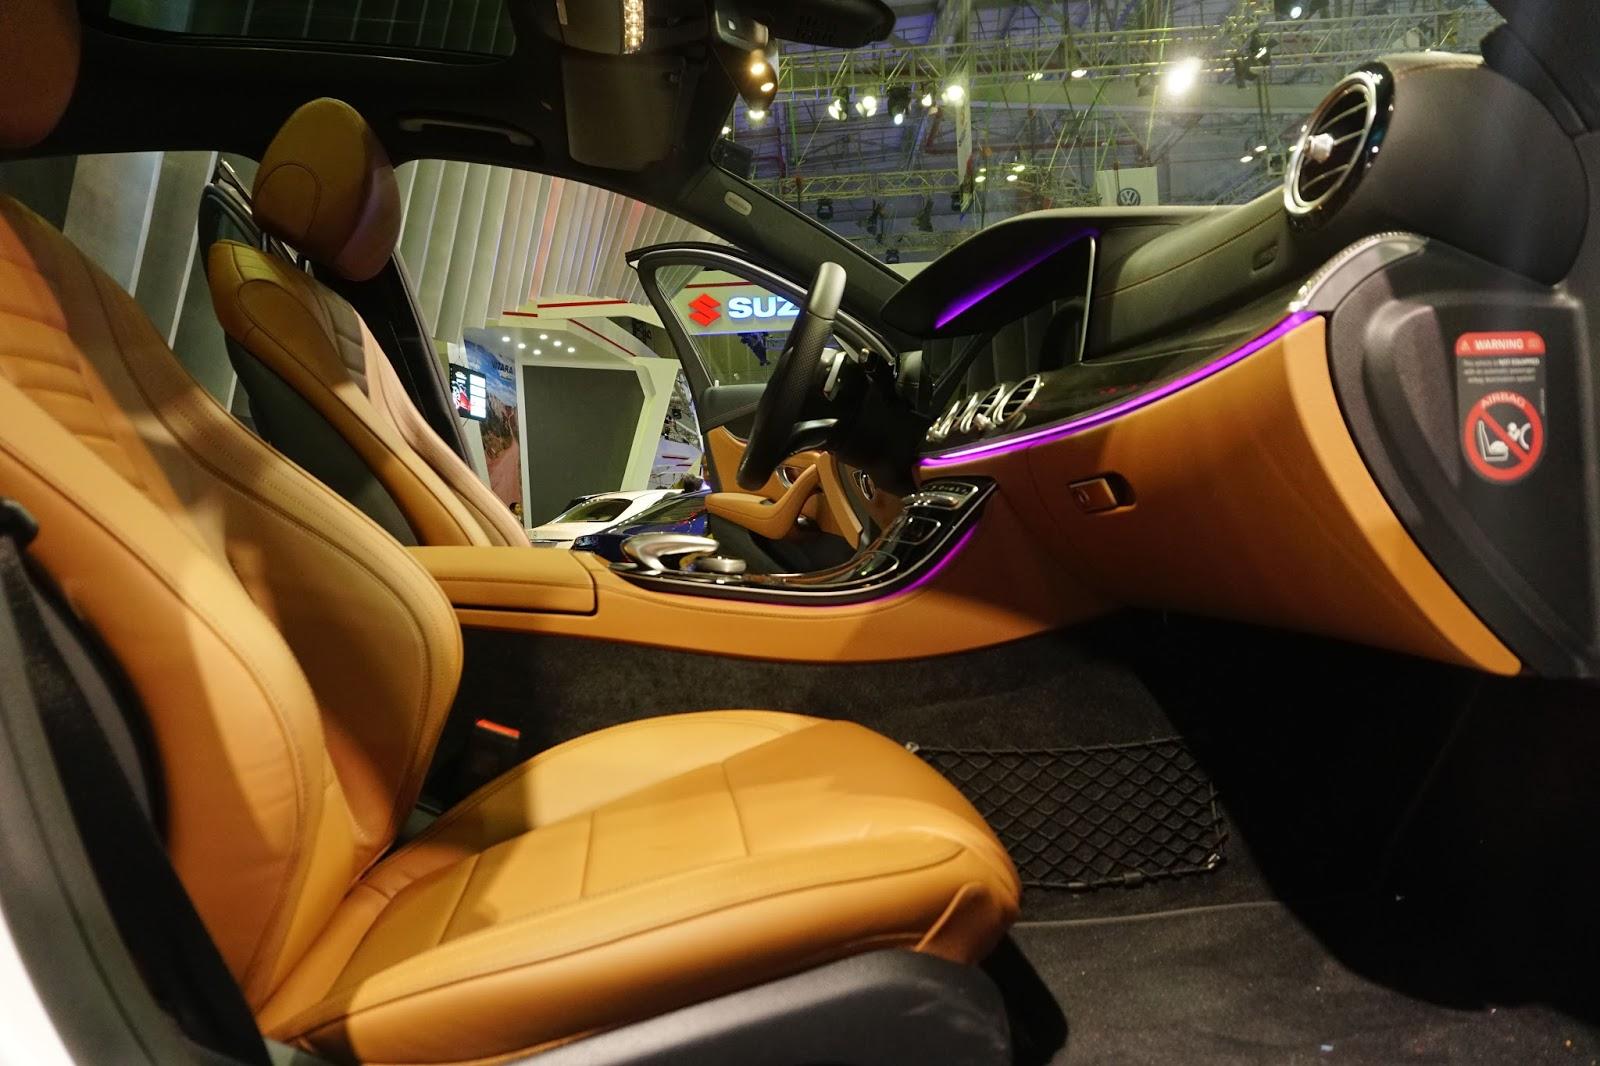 E300 AMG có cửa sổ trời, có ghế ngồi bọc da bò thể thao, rất kích thích